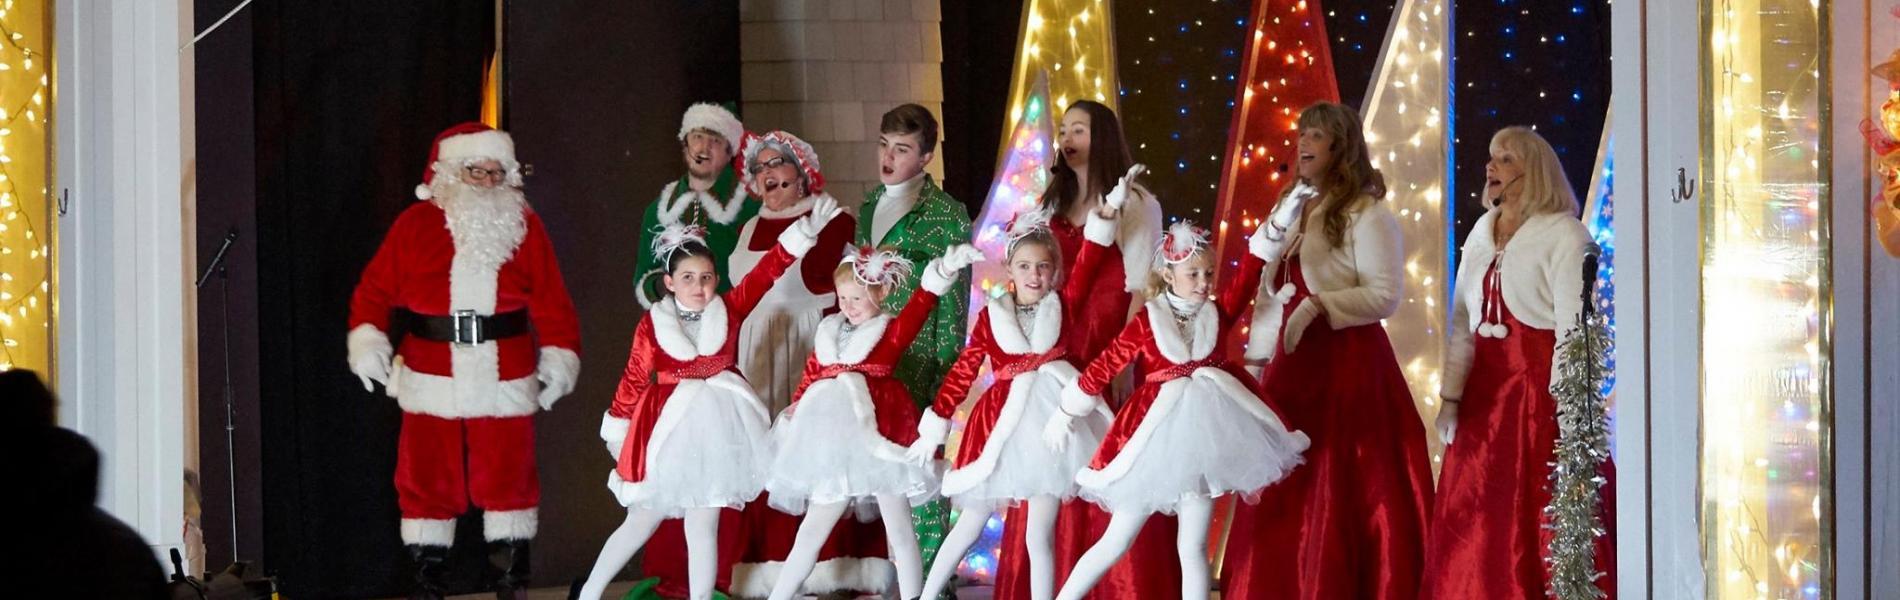 Fantasy Christmas Show